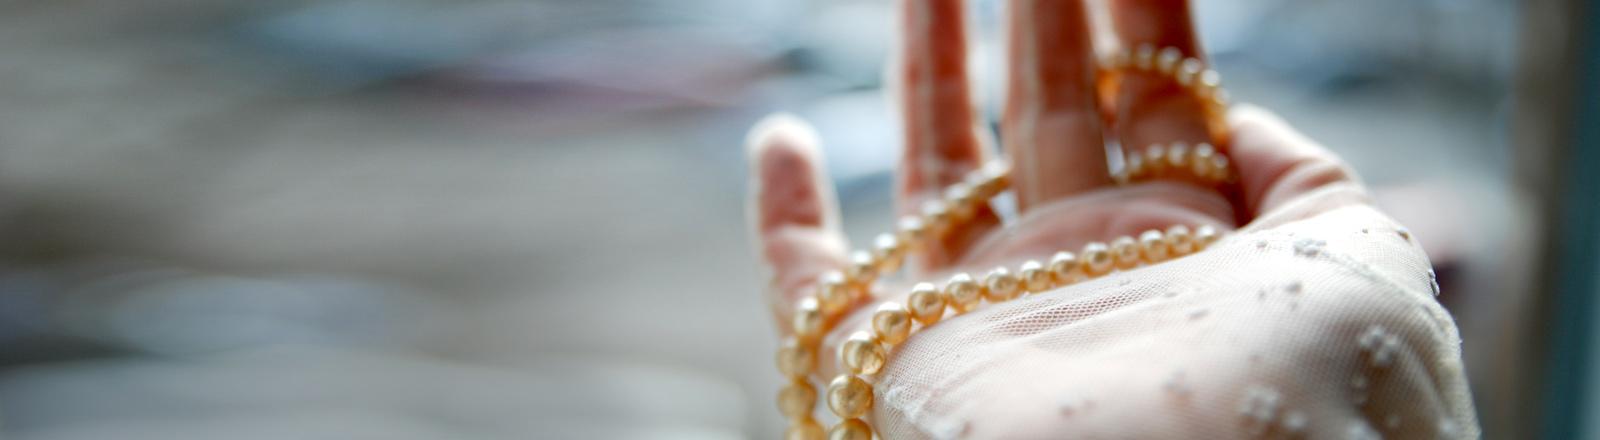 Eine Perlenkette in einer Hand.